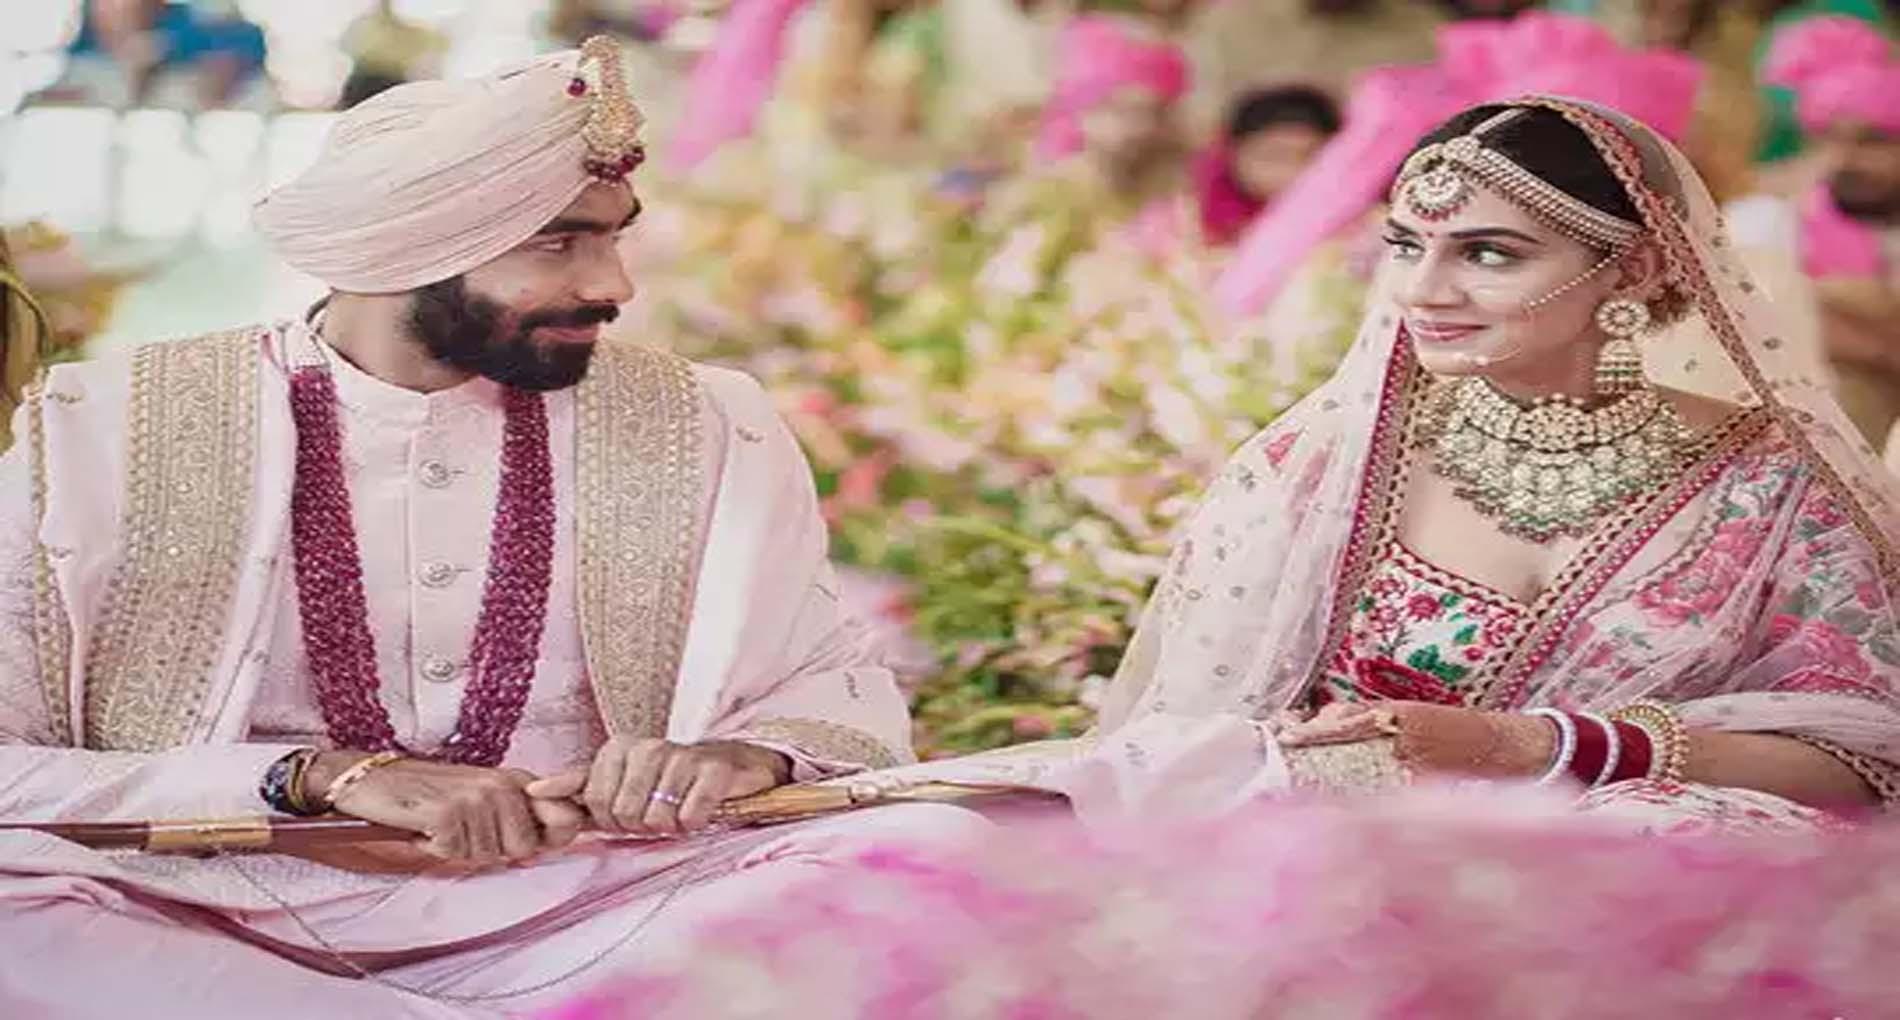 Jasprit Bumrah Sanjana Ganesan Wedding: जसप्रीत बुमराह ने रचाई संजना गणेशन से शादी, देखें फोटो